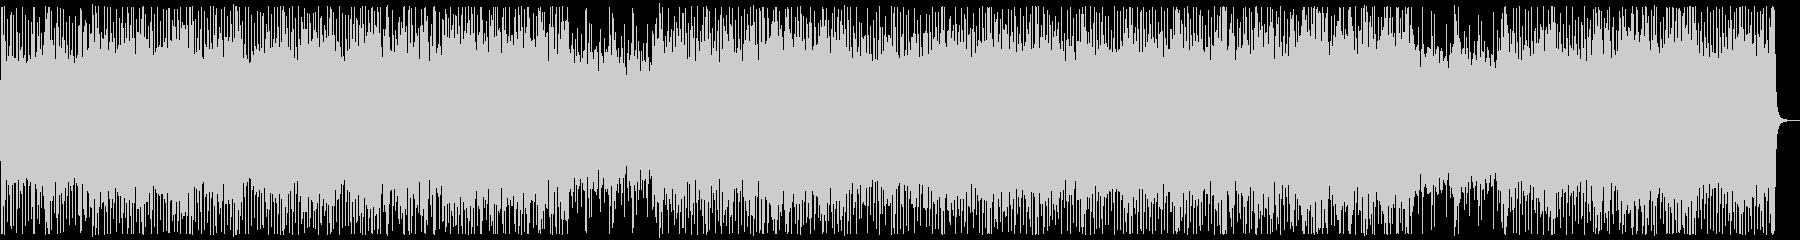 和楽器・和風・サムライロック:フルx2の未再生の波形